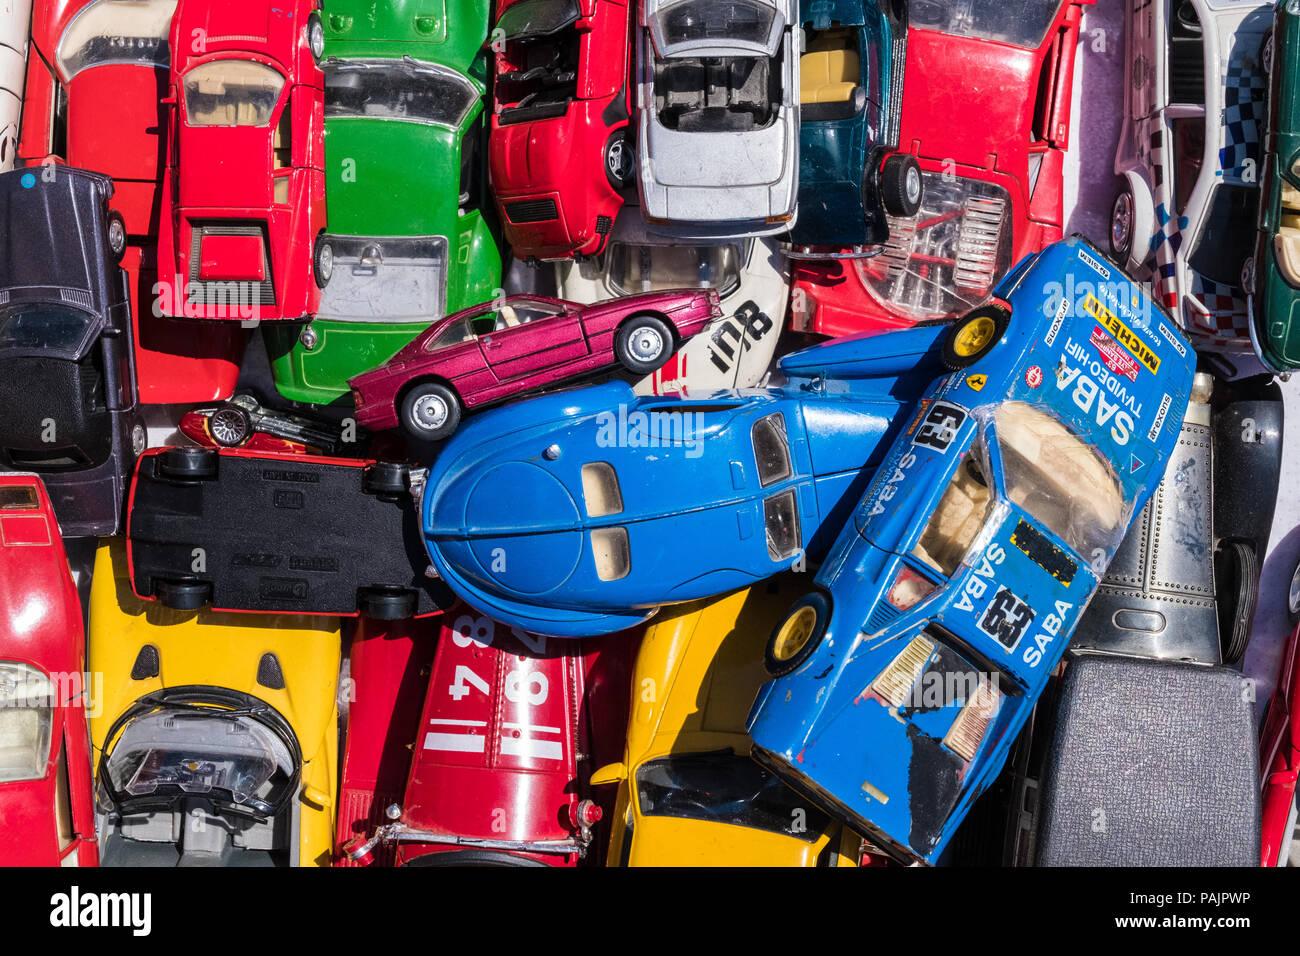 Souvenirs De Sur Magasin Un À Jouets Voiture Coloré Affichage QxWBerdCo